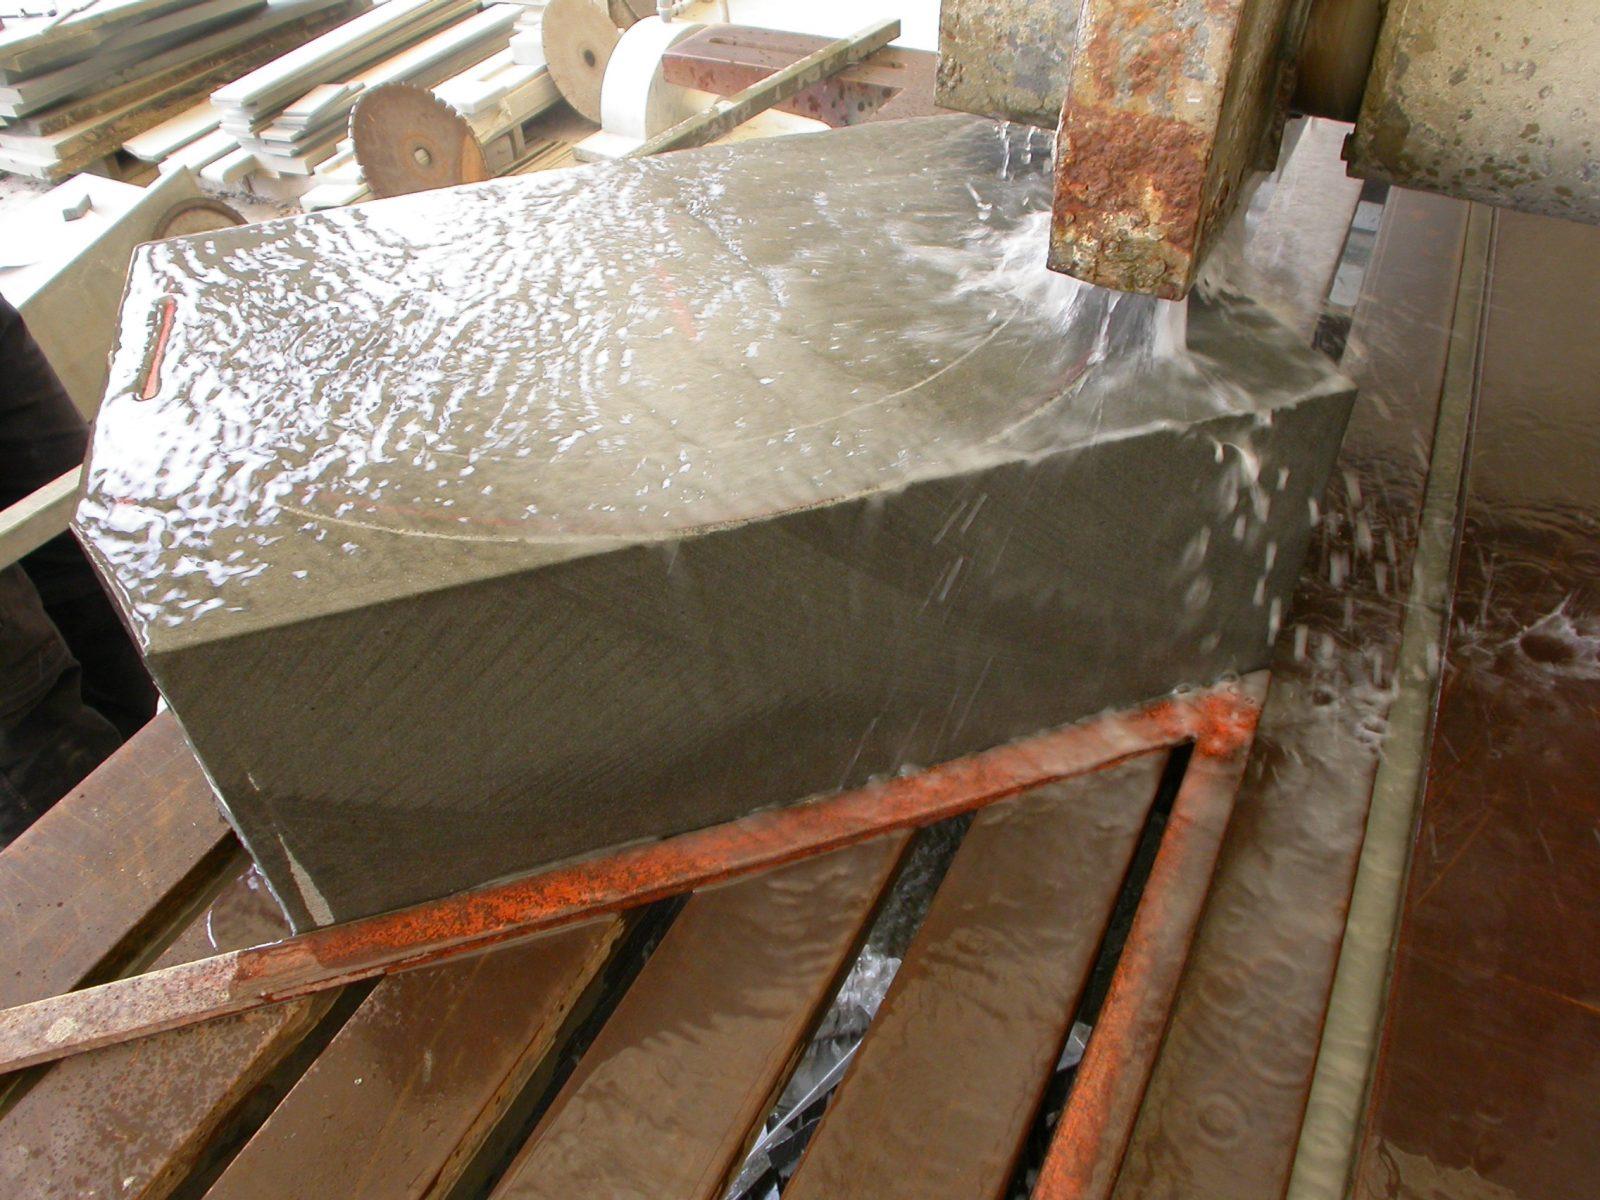 Vasca Giardino Pietra : Come nasce la vasca di una fontana di pietra serena frosini pietre